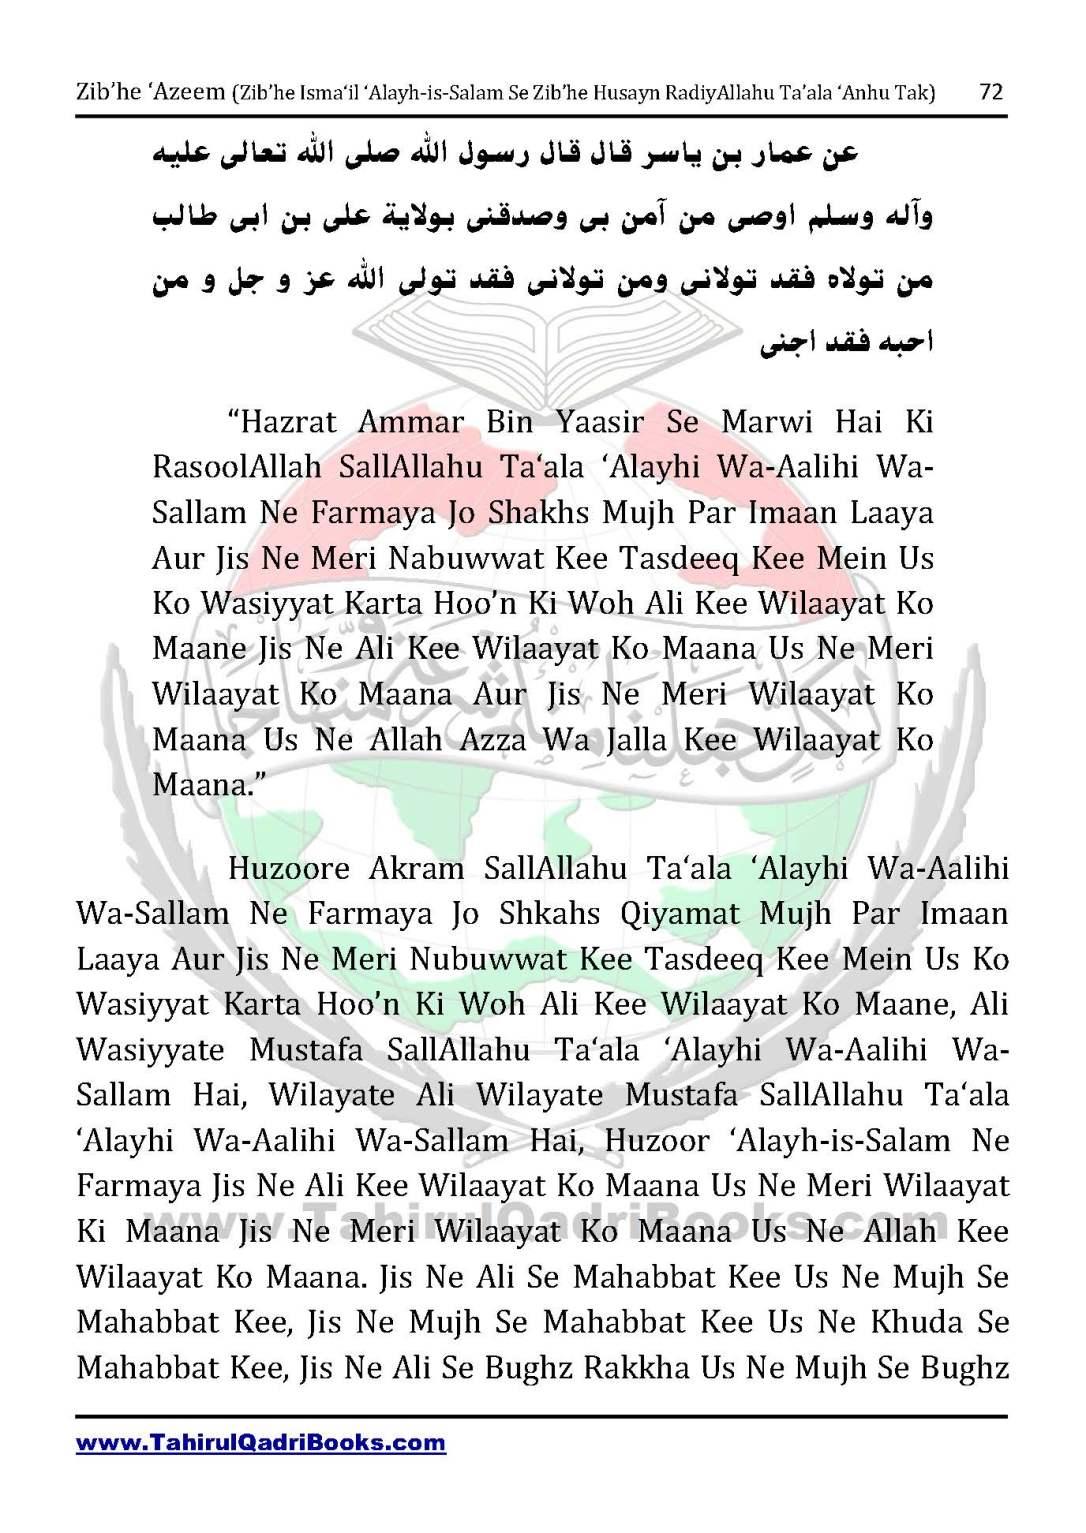 zib_he-e28098azeem-zib_he-ismacabbil-se-zib_he-husayn-tak-in-roman-urdu-unlocked_Page_072